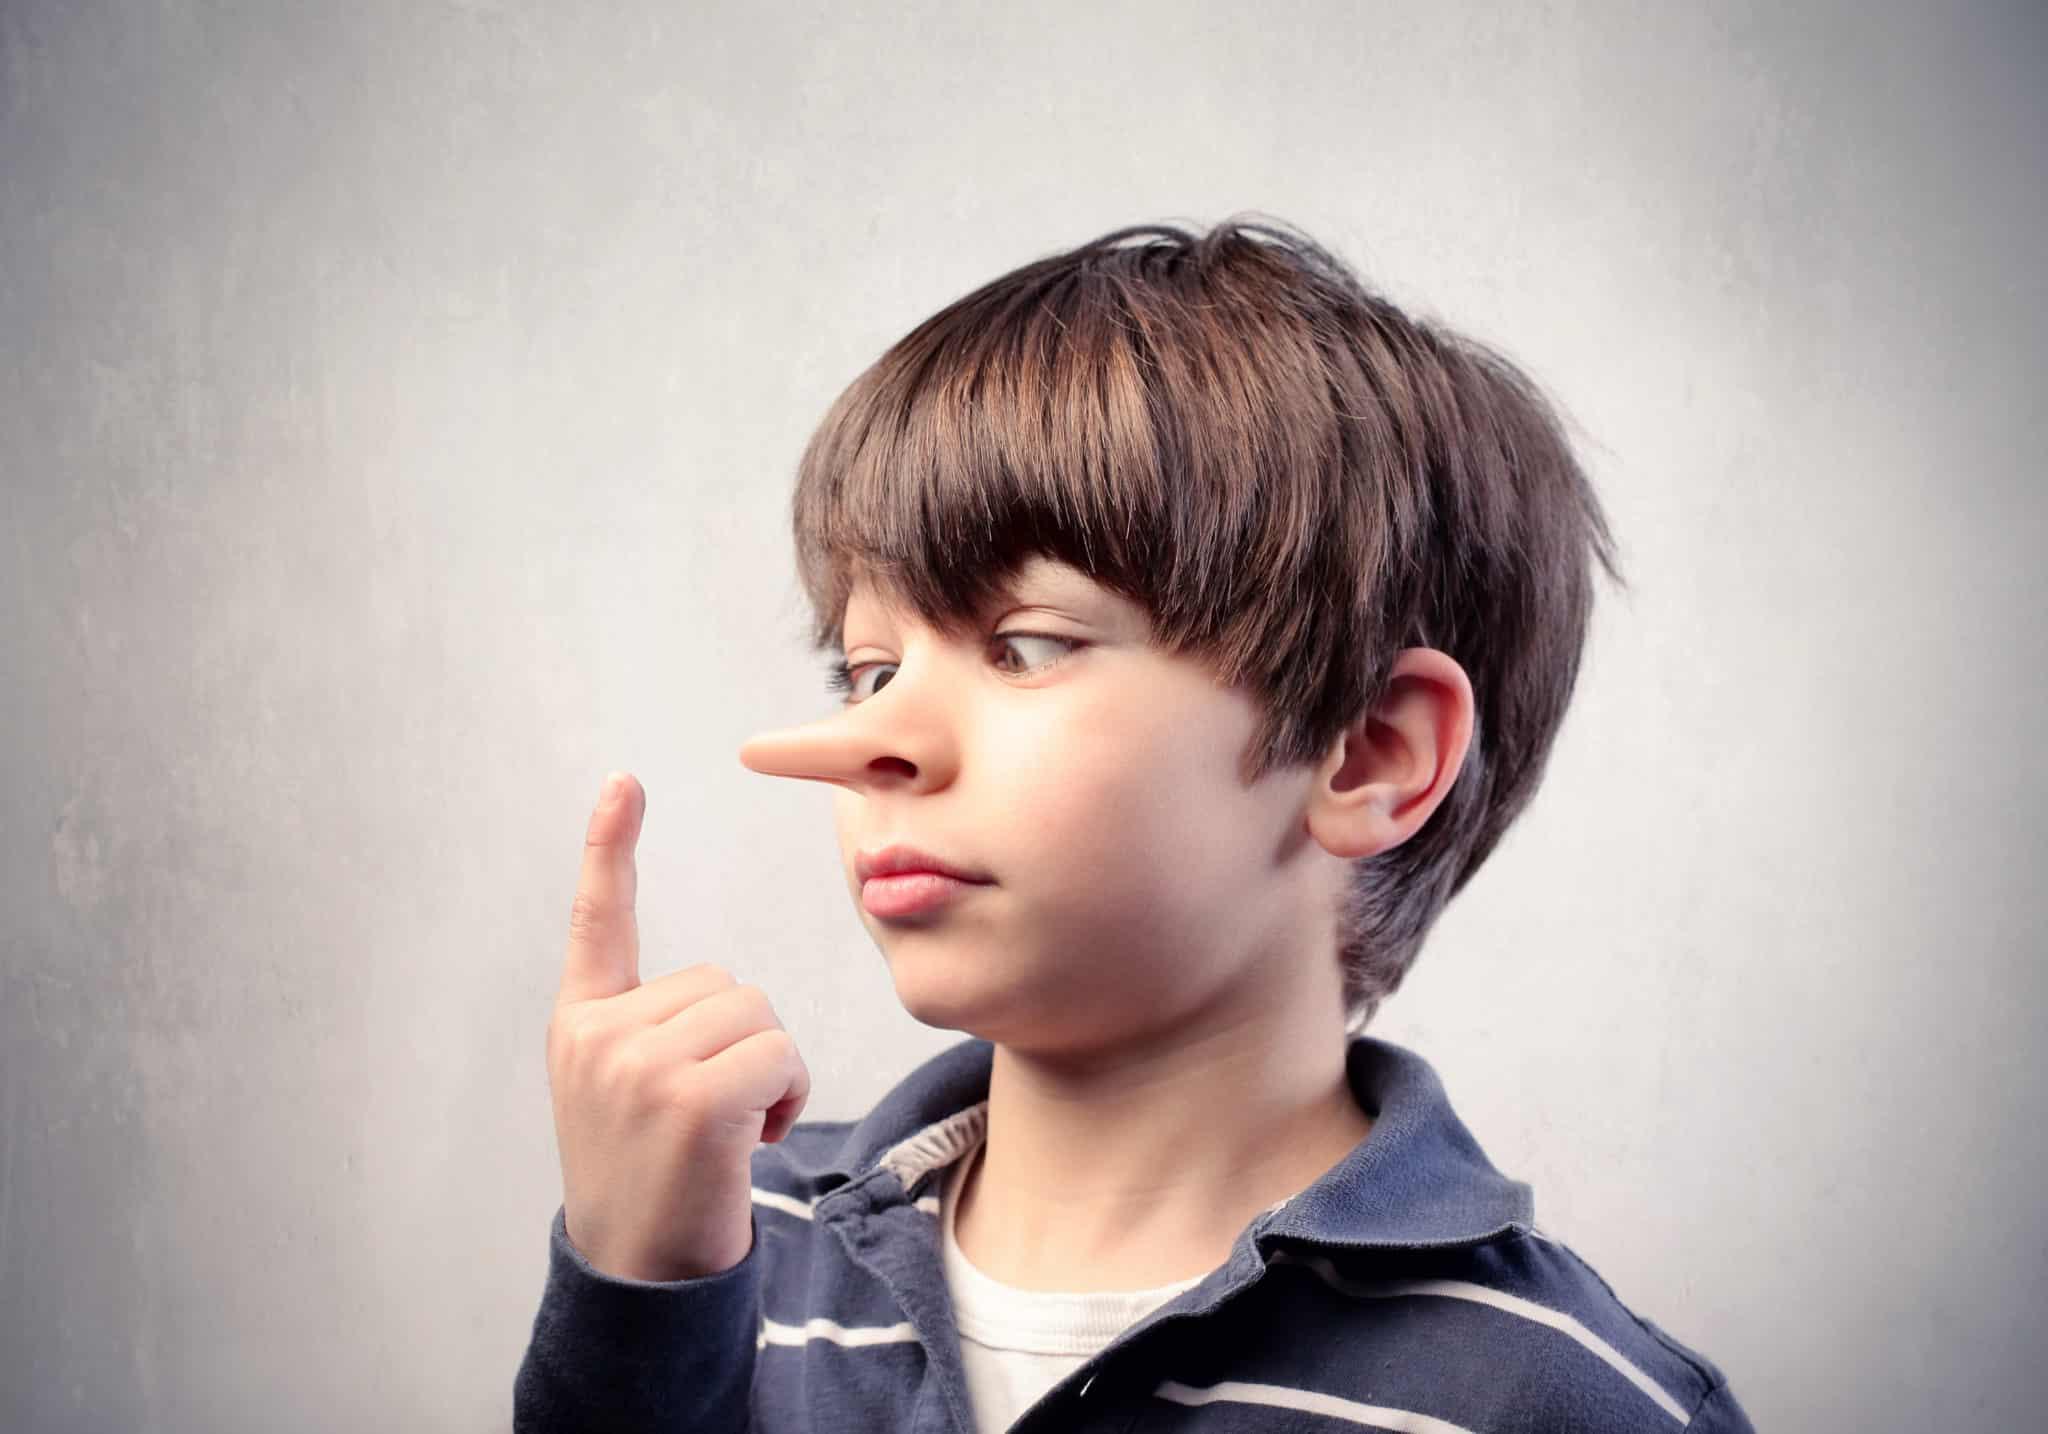 نصائح للتعامل مع الطفل الكاذب